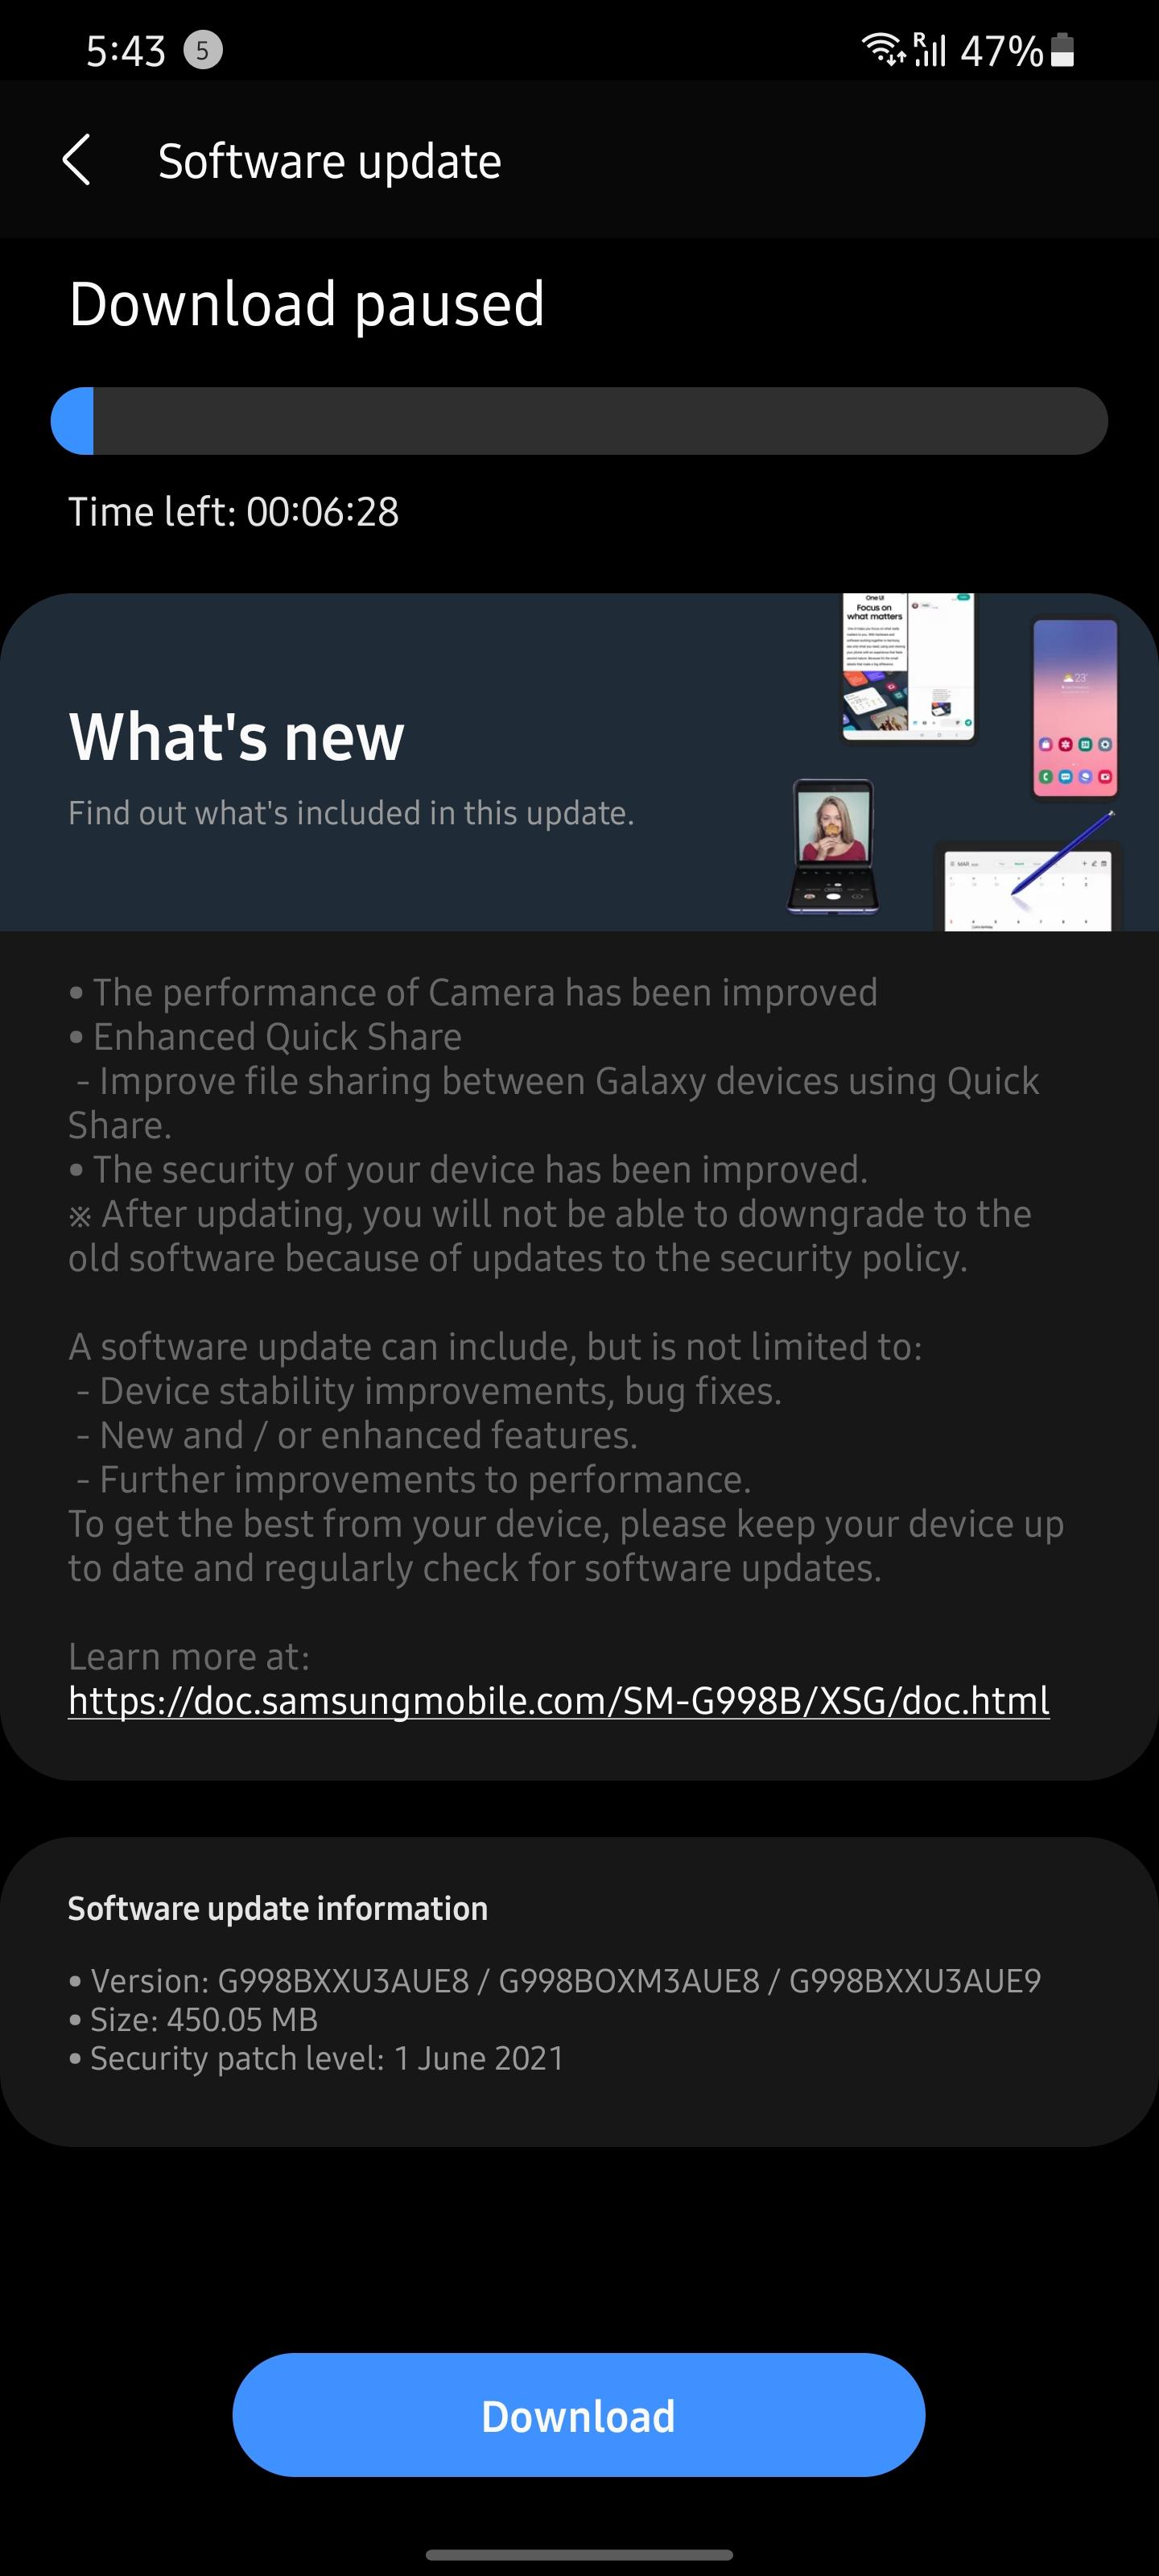 Screenshot_20210601-174340_Software update.jpg